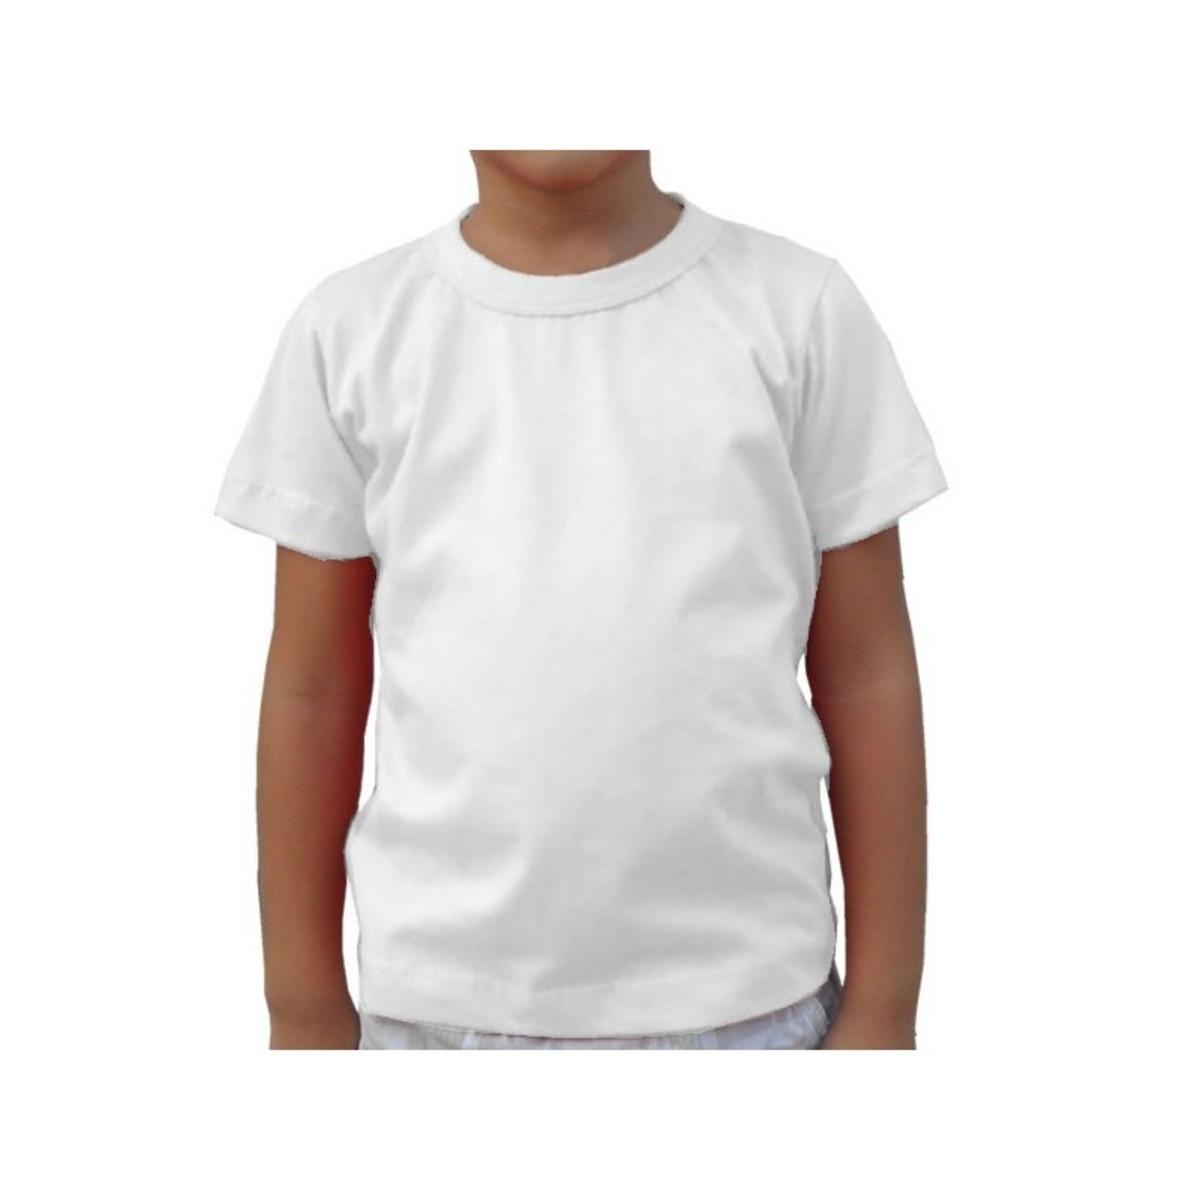 c8e89a50d1 Camiseta infantíl 100% Poliéster Branca Infantil Sublimação no Elo7 ...